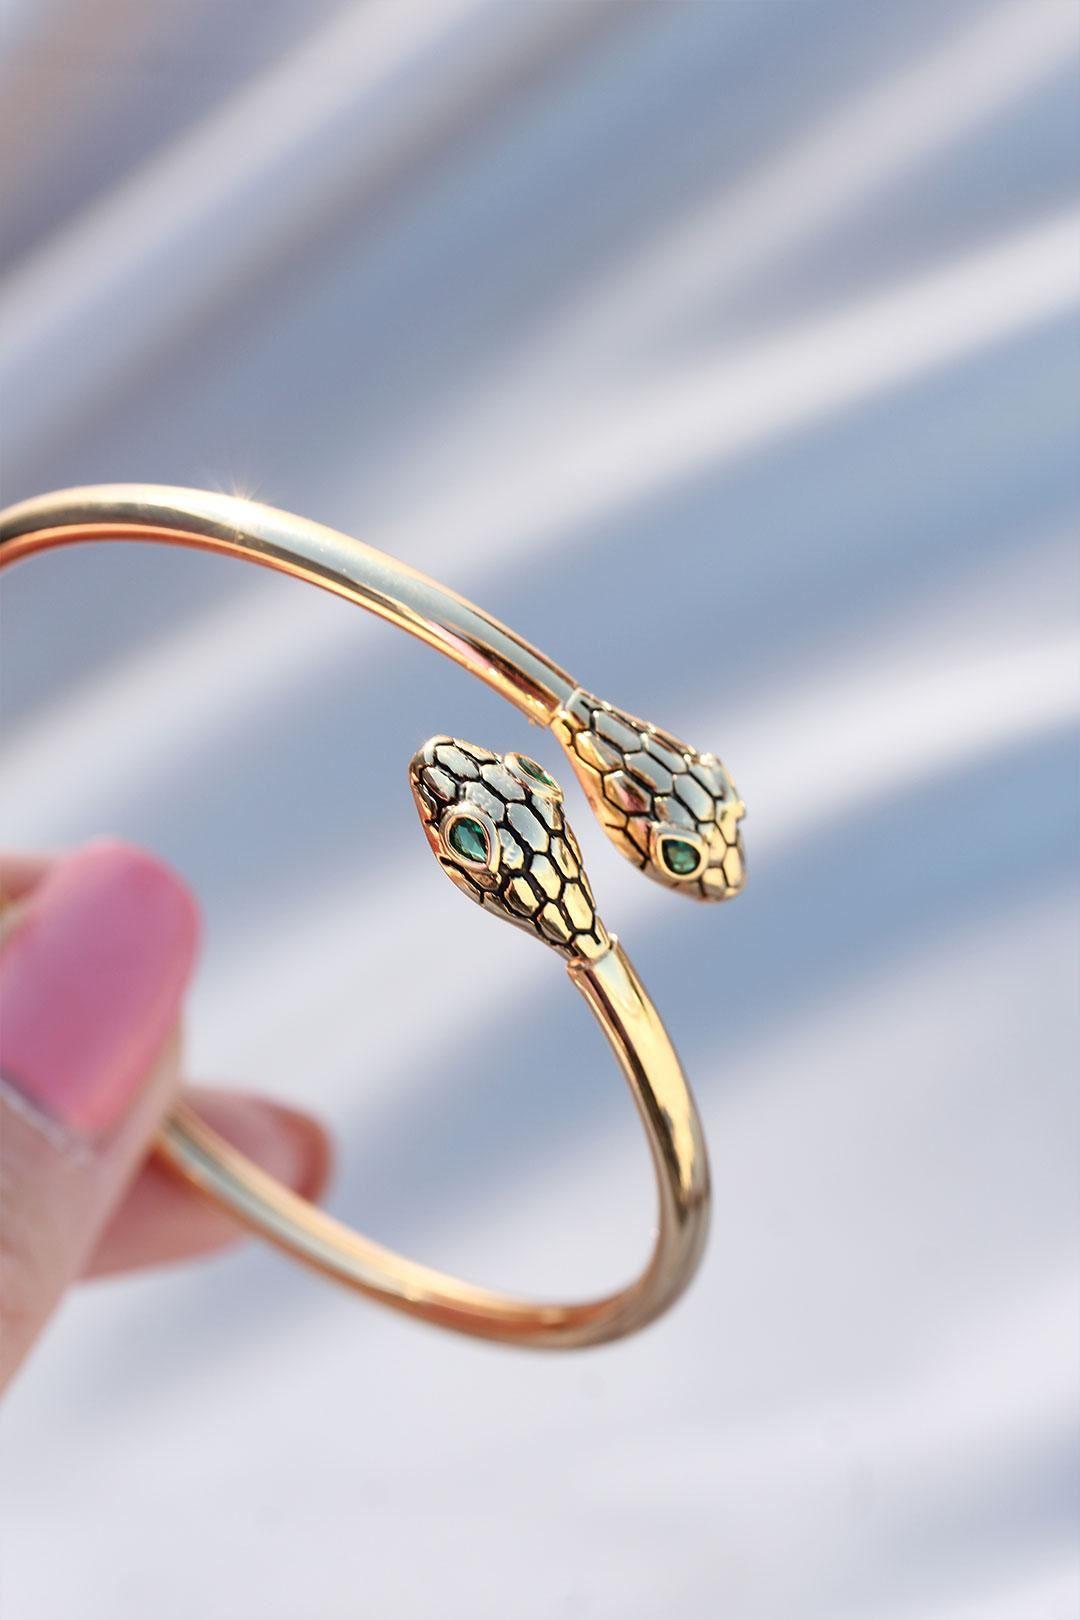 Yeşil Gözlü Yılan Tasarımlı Çelik Kelepçe Bileklik